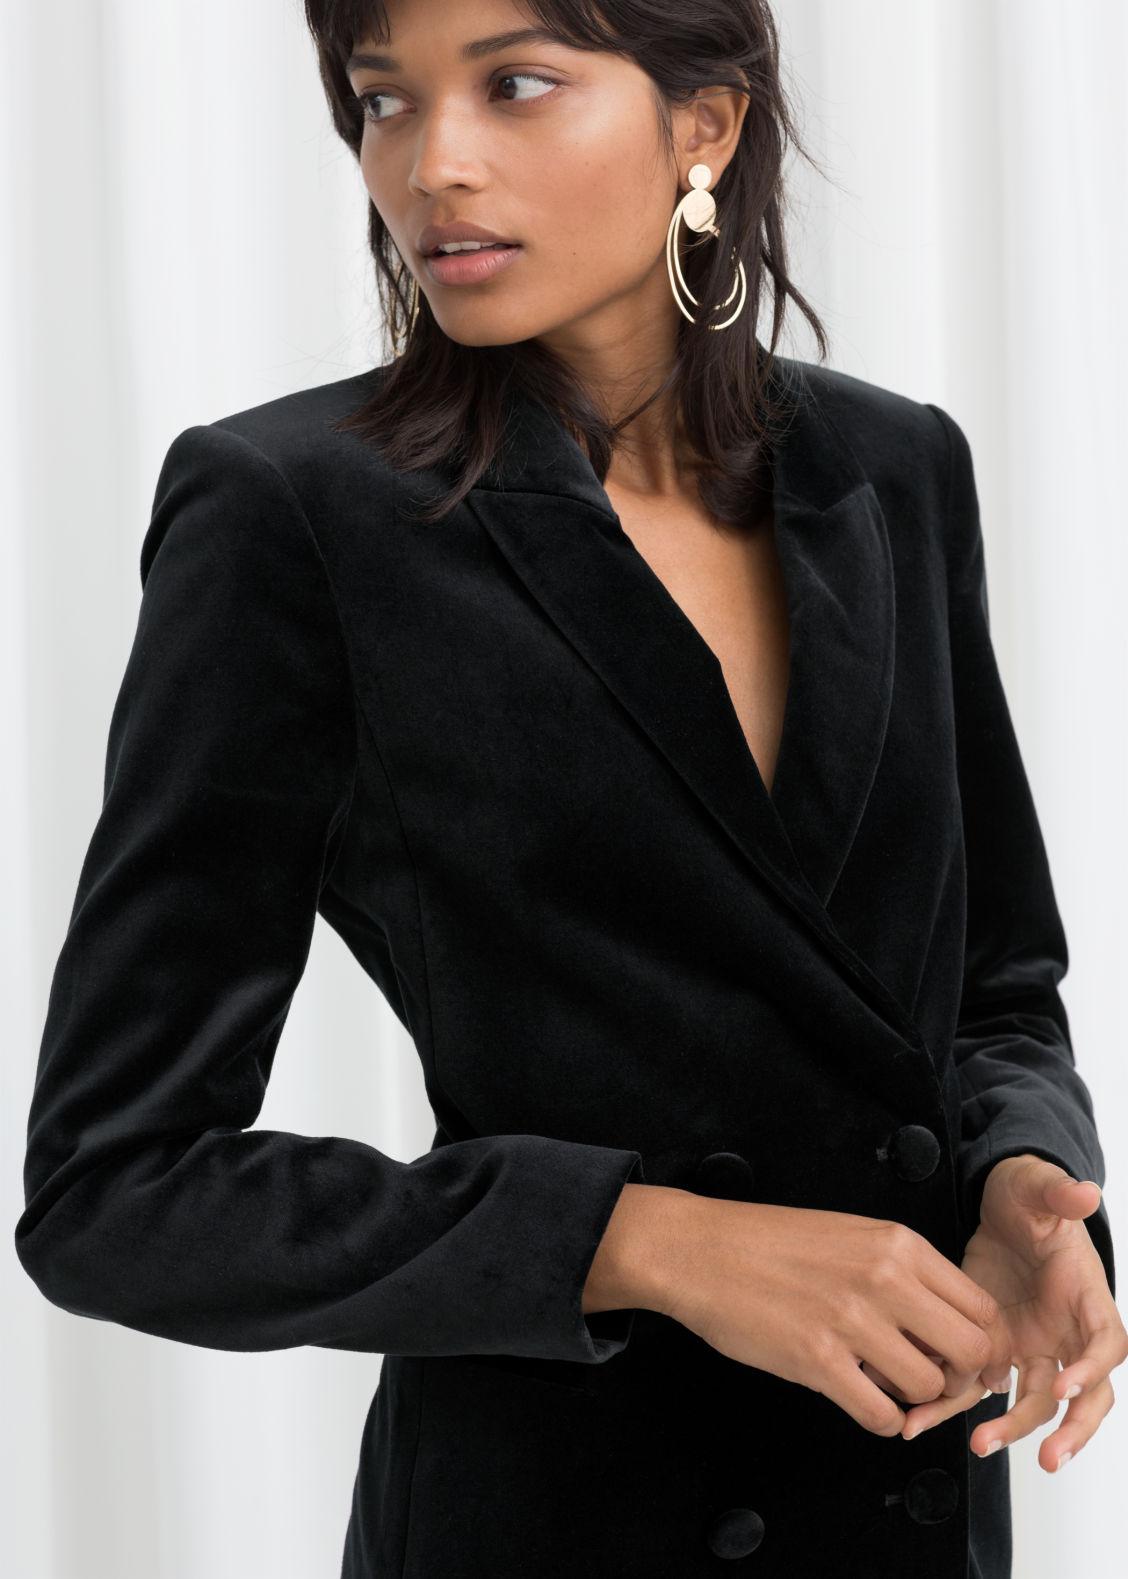 Velvet Blazer Dress - Black - Mini dresses -   Other Stories 68daadebb